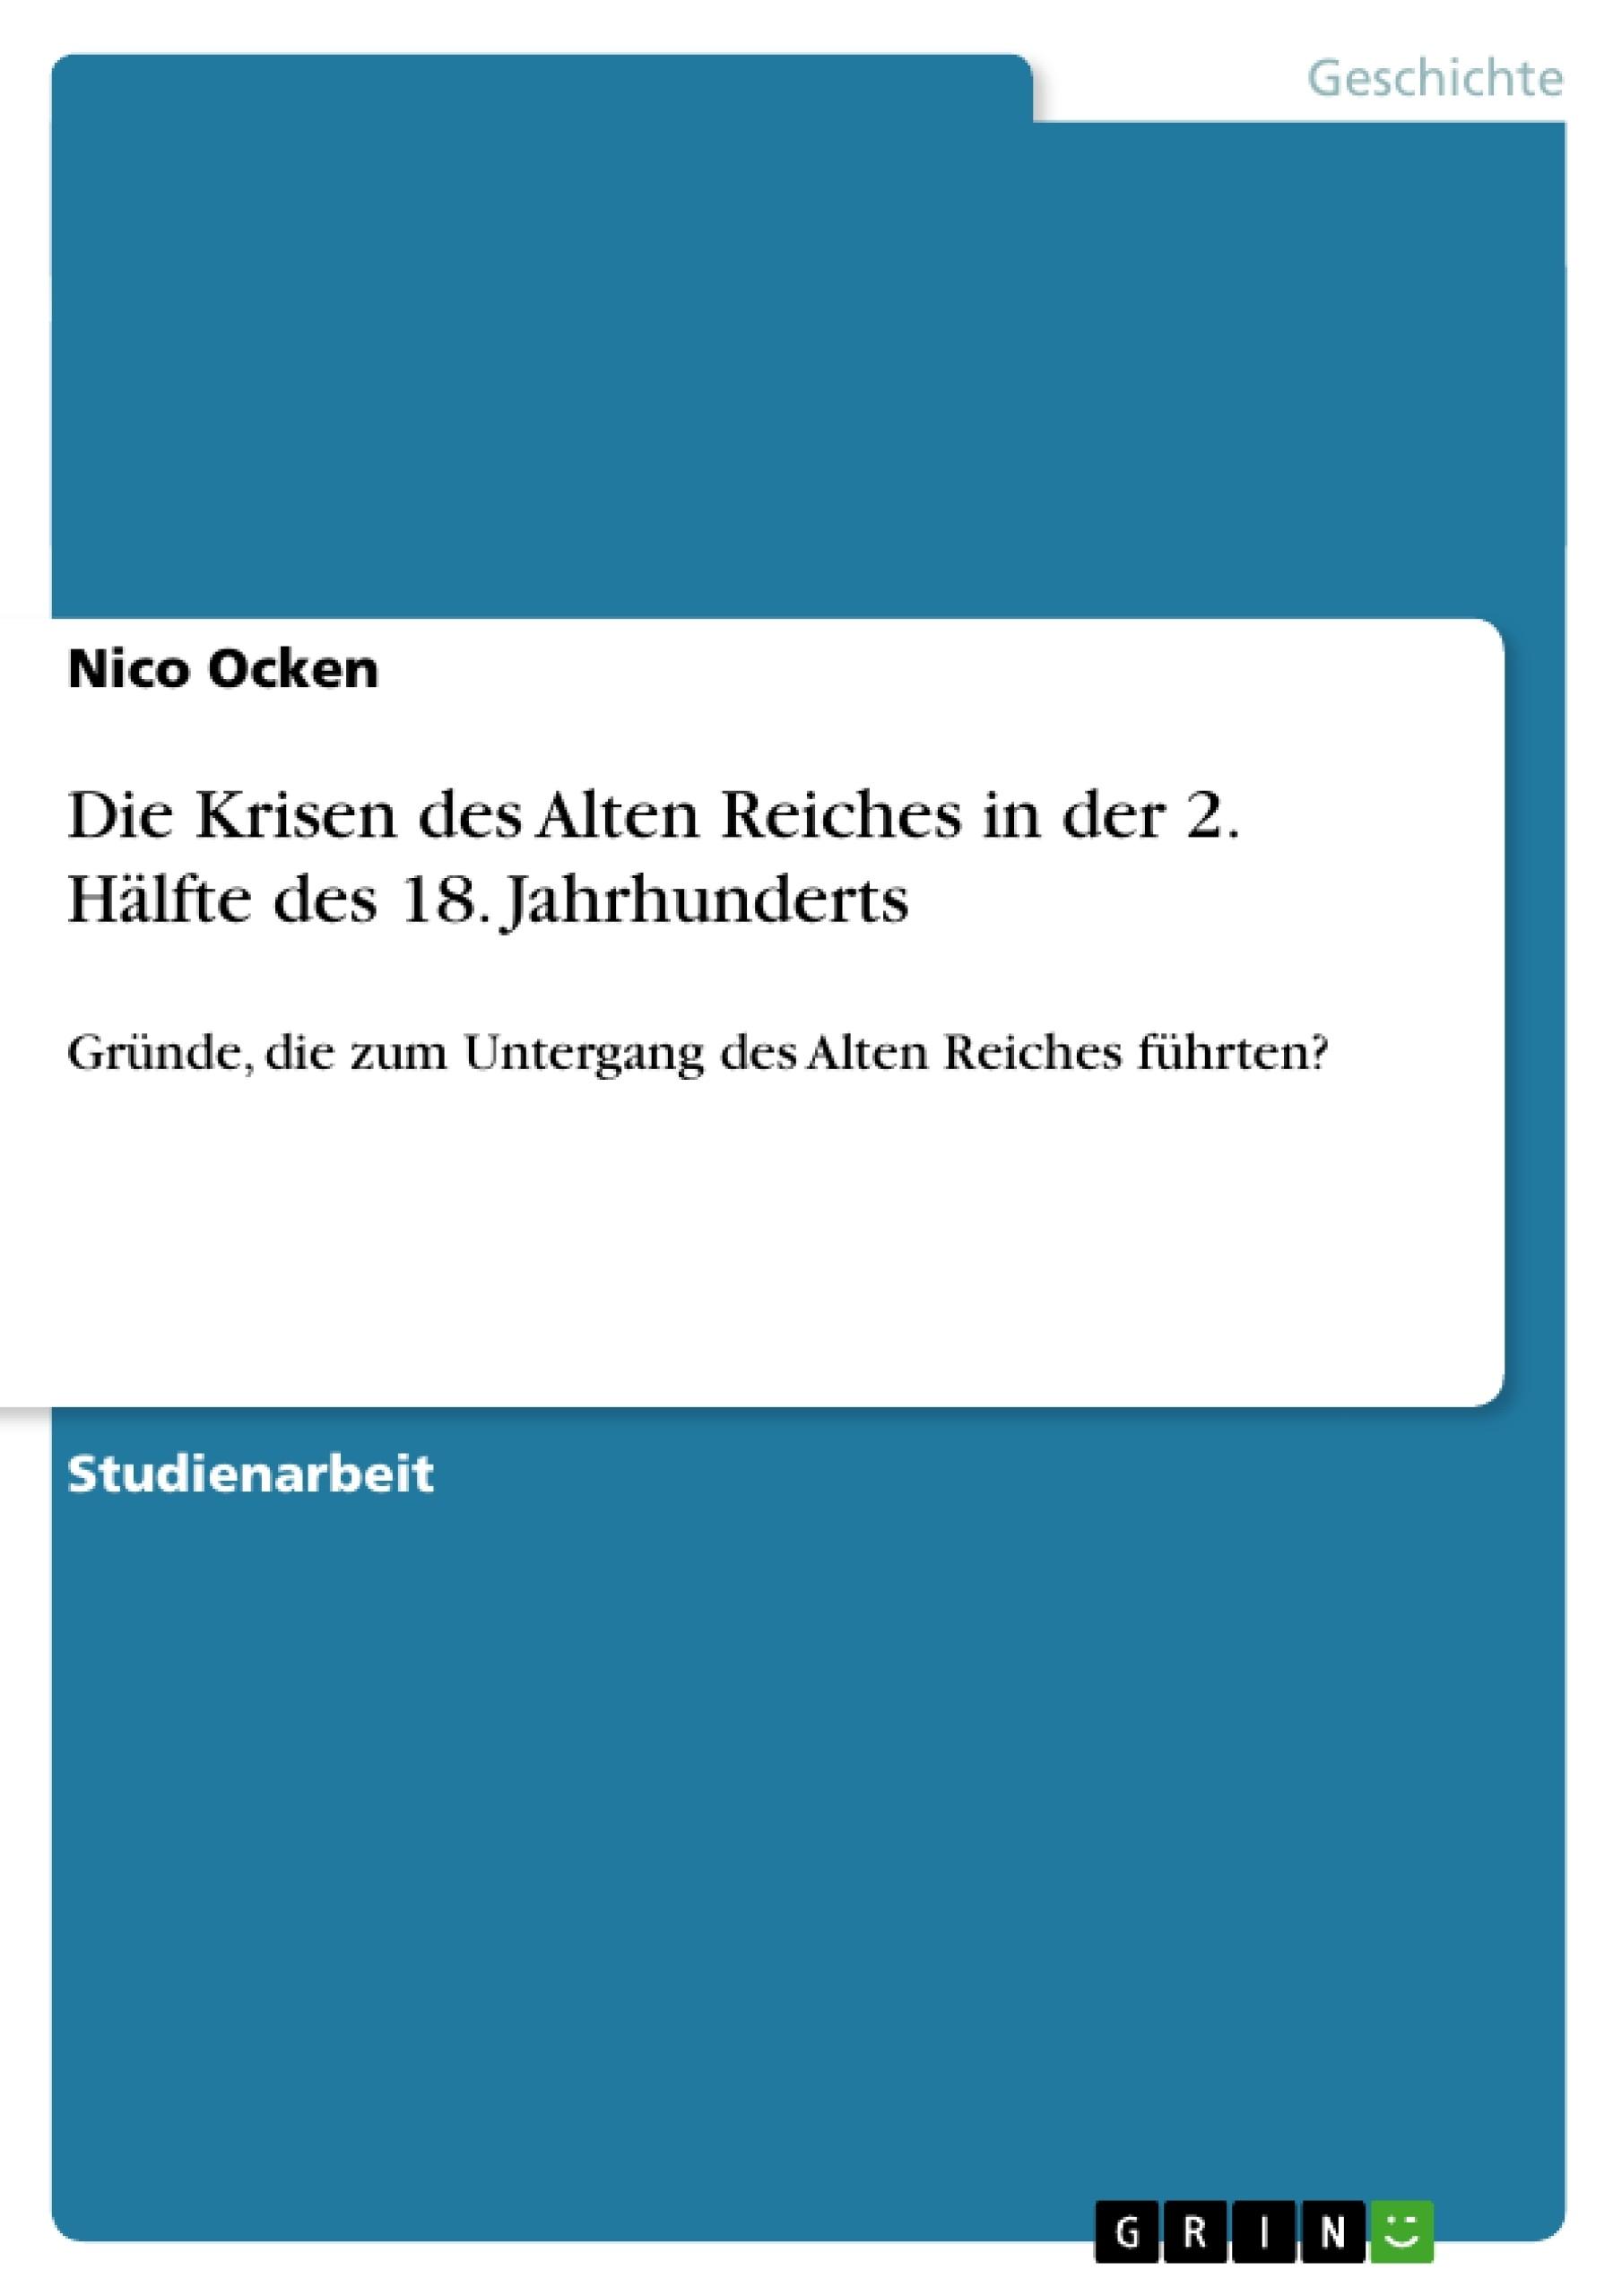 Titel: Die Krisen des Alten Reiches in der 2. Hälfte des 18. Jahrhunderts